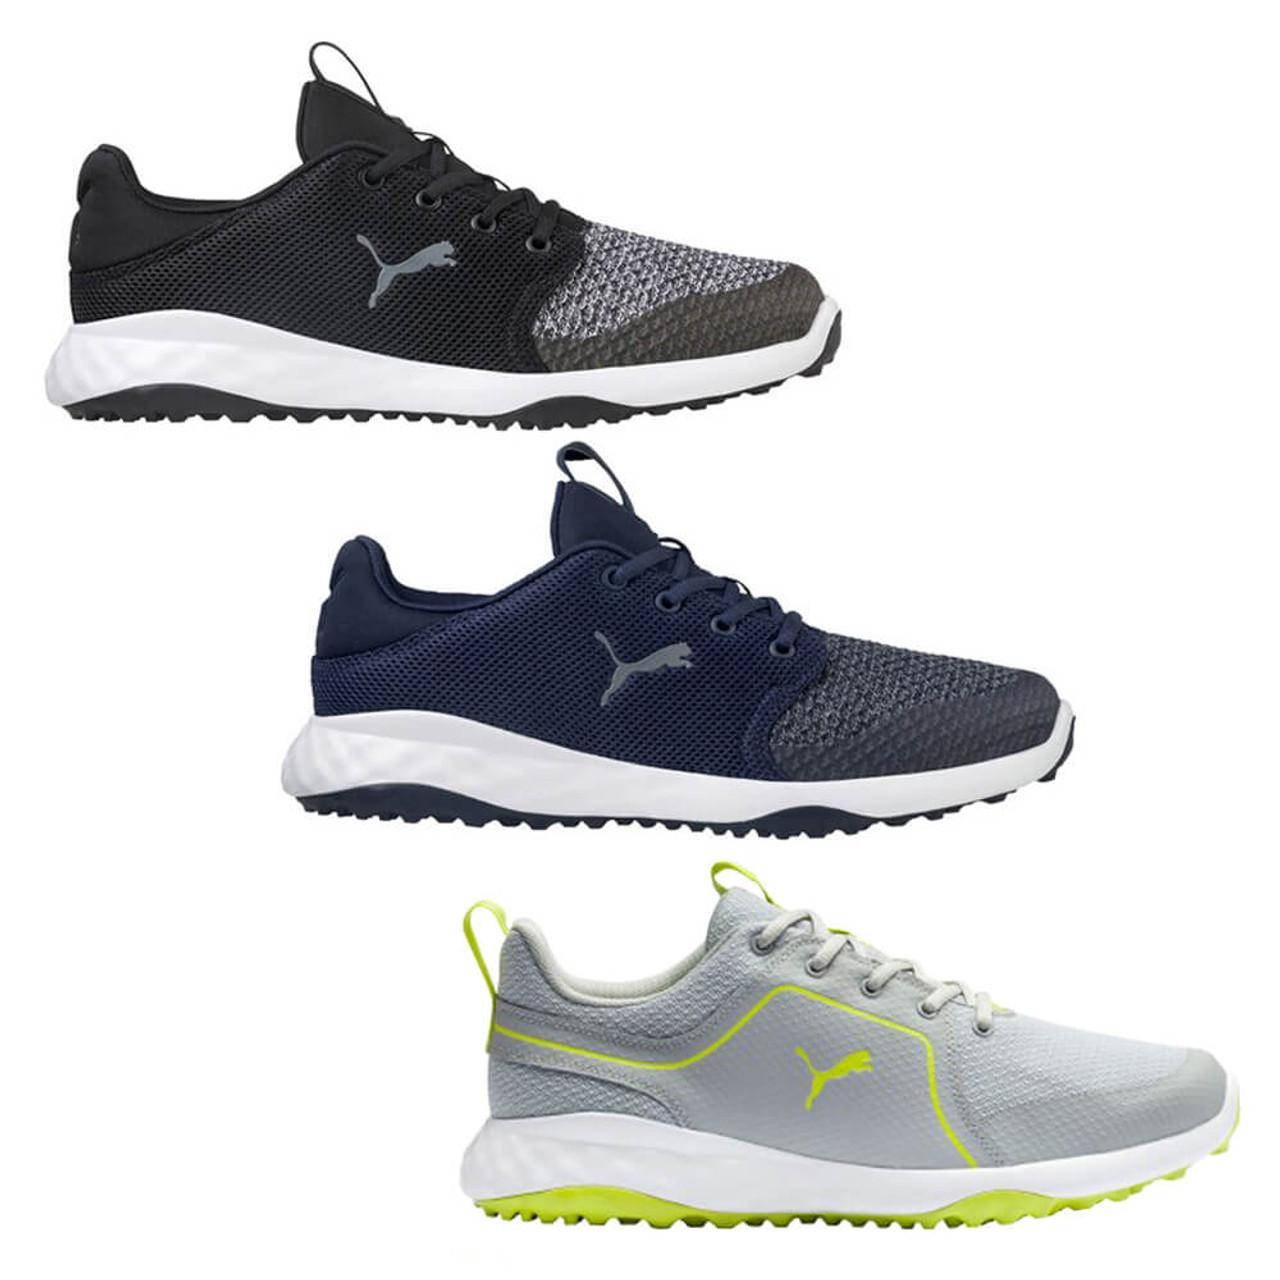 Puma Grip Fusion Sport 2 0 Spikeless Golf Shoes 2020 Golfio